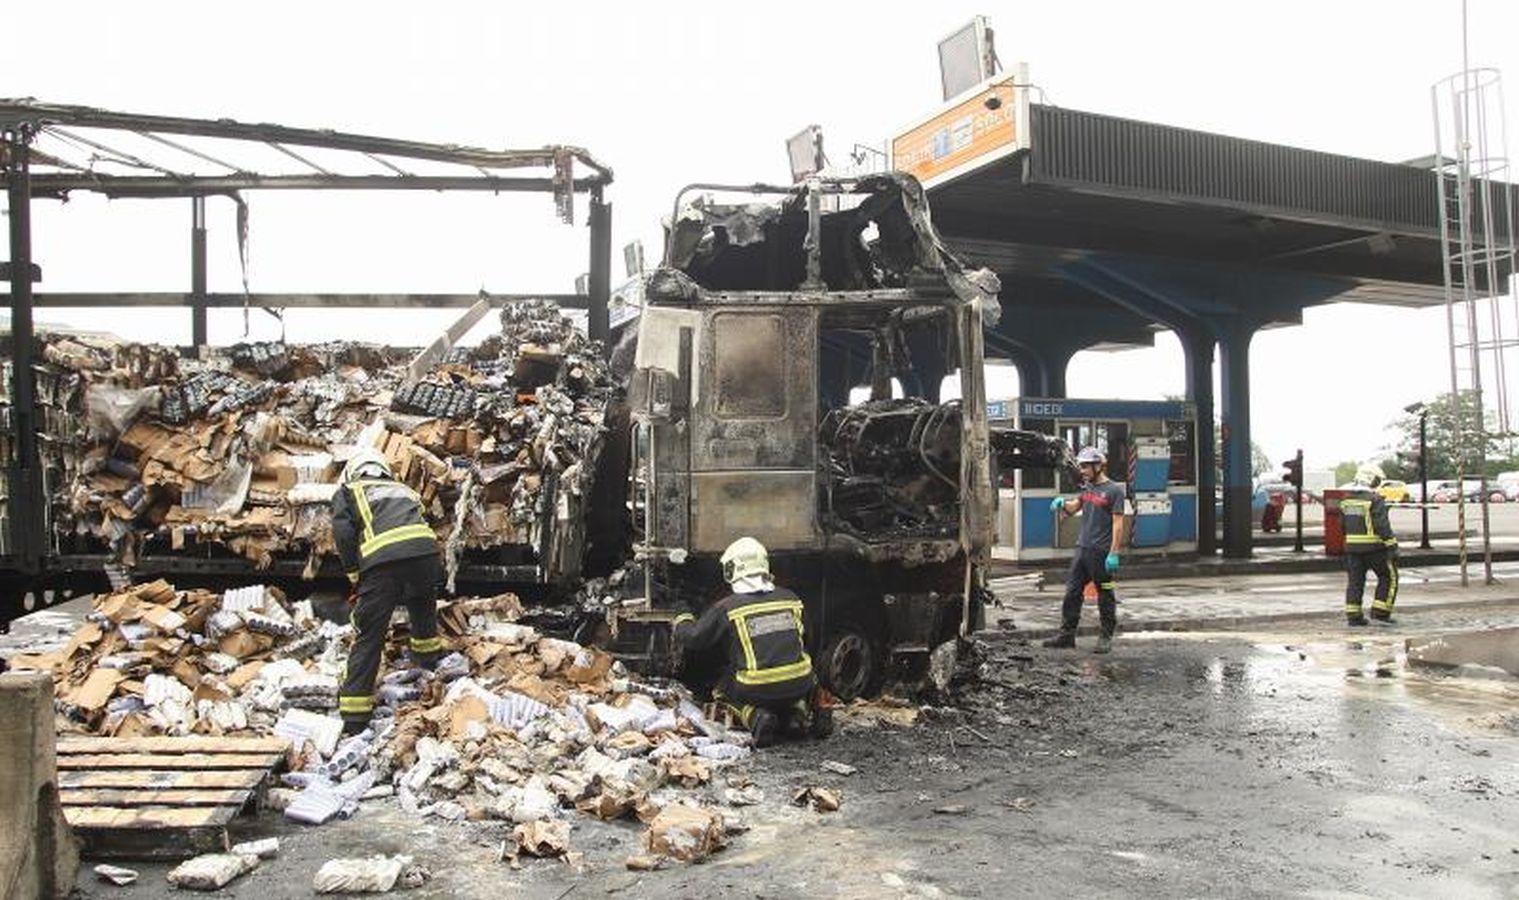 Arde un camión en el peaje de Irun tras chocar contra un muro de hormigón